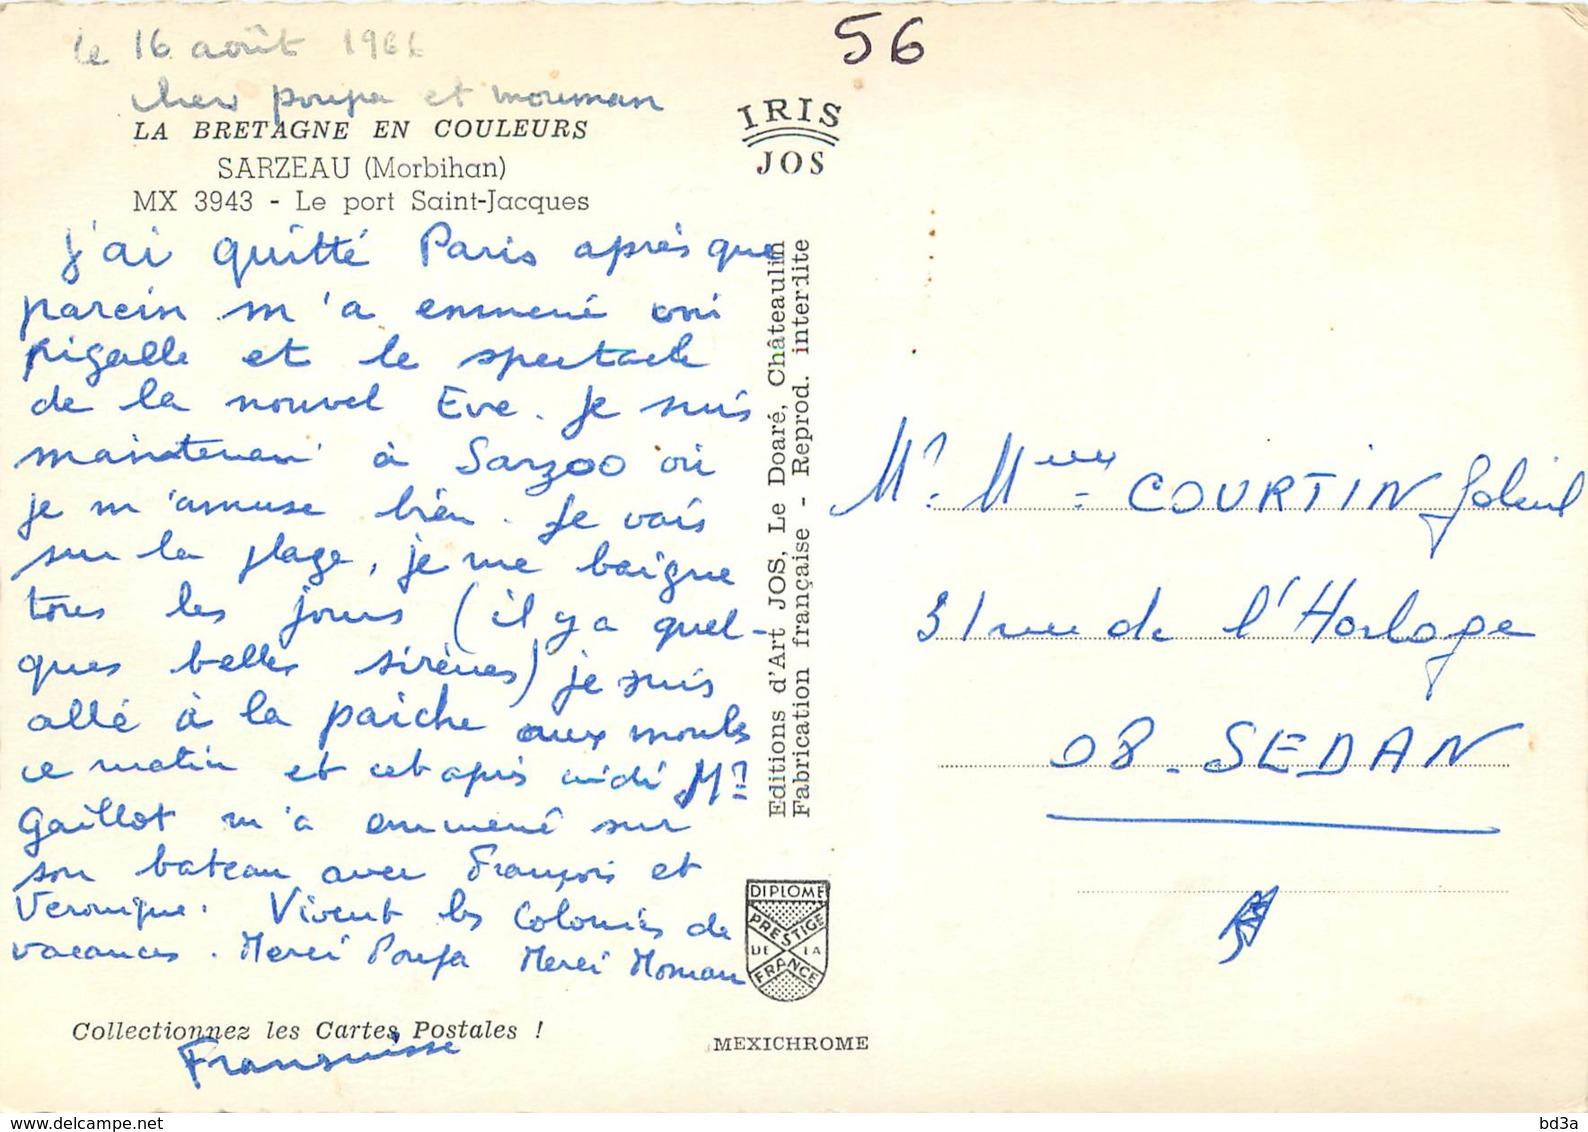 56 - SARZEAU - Sarzeau